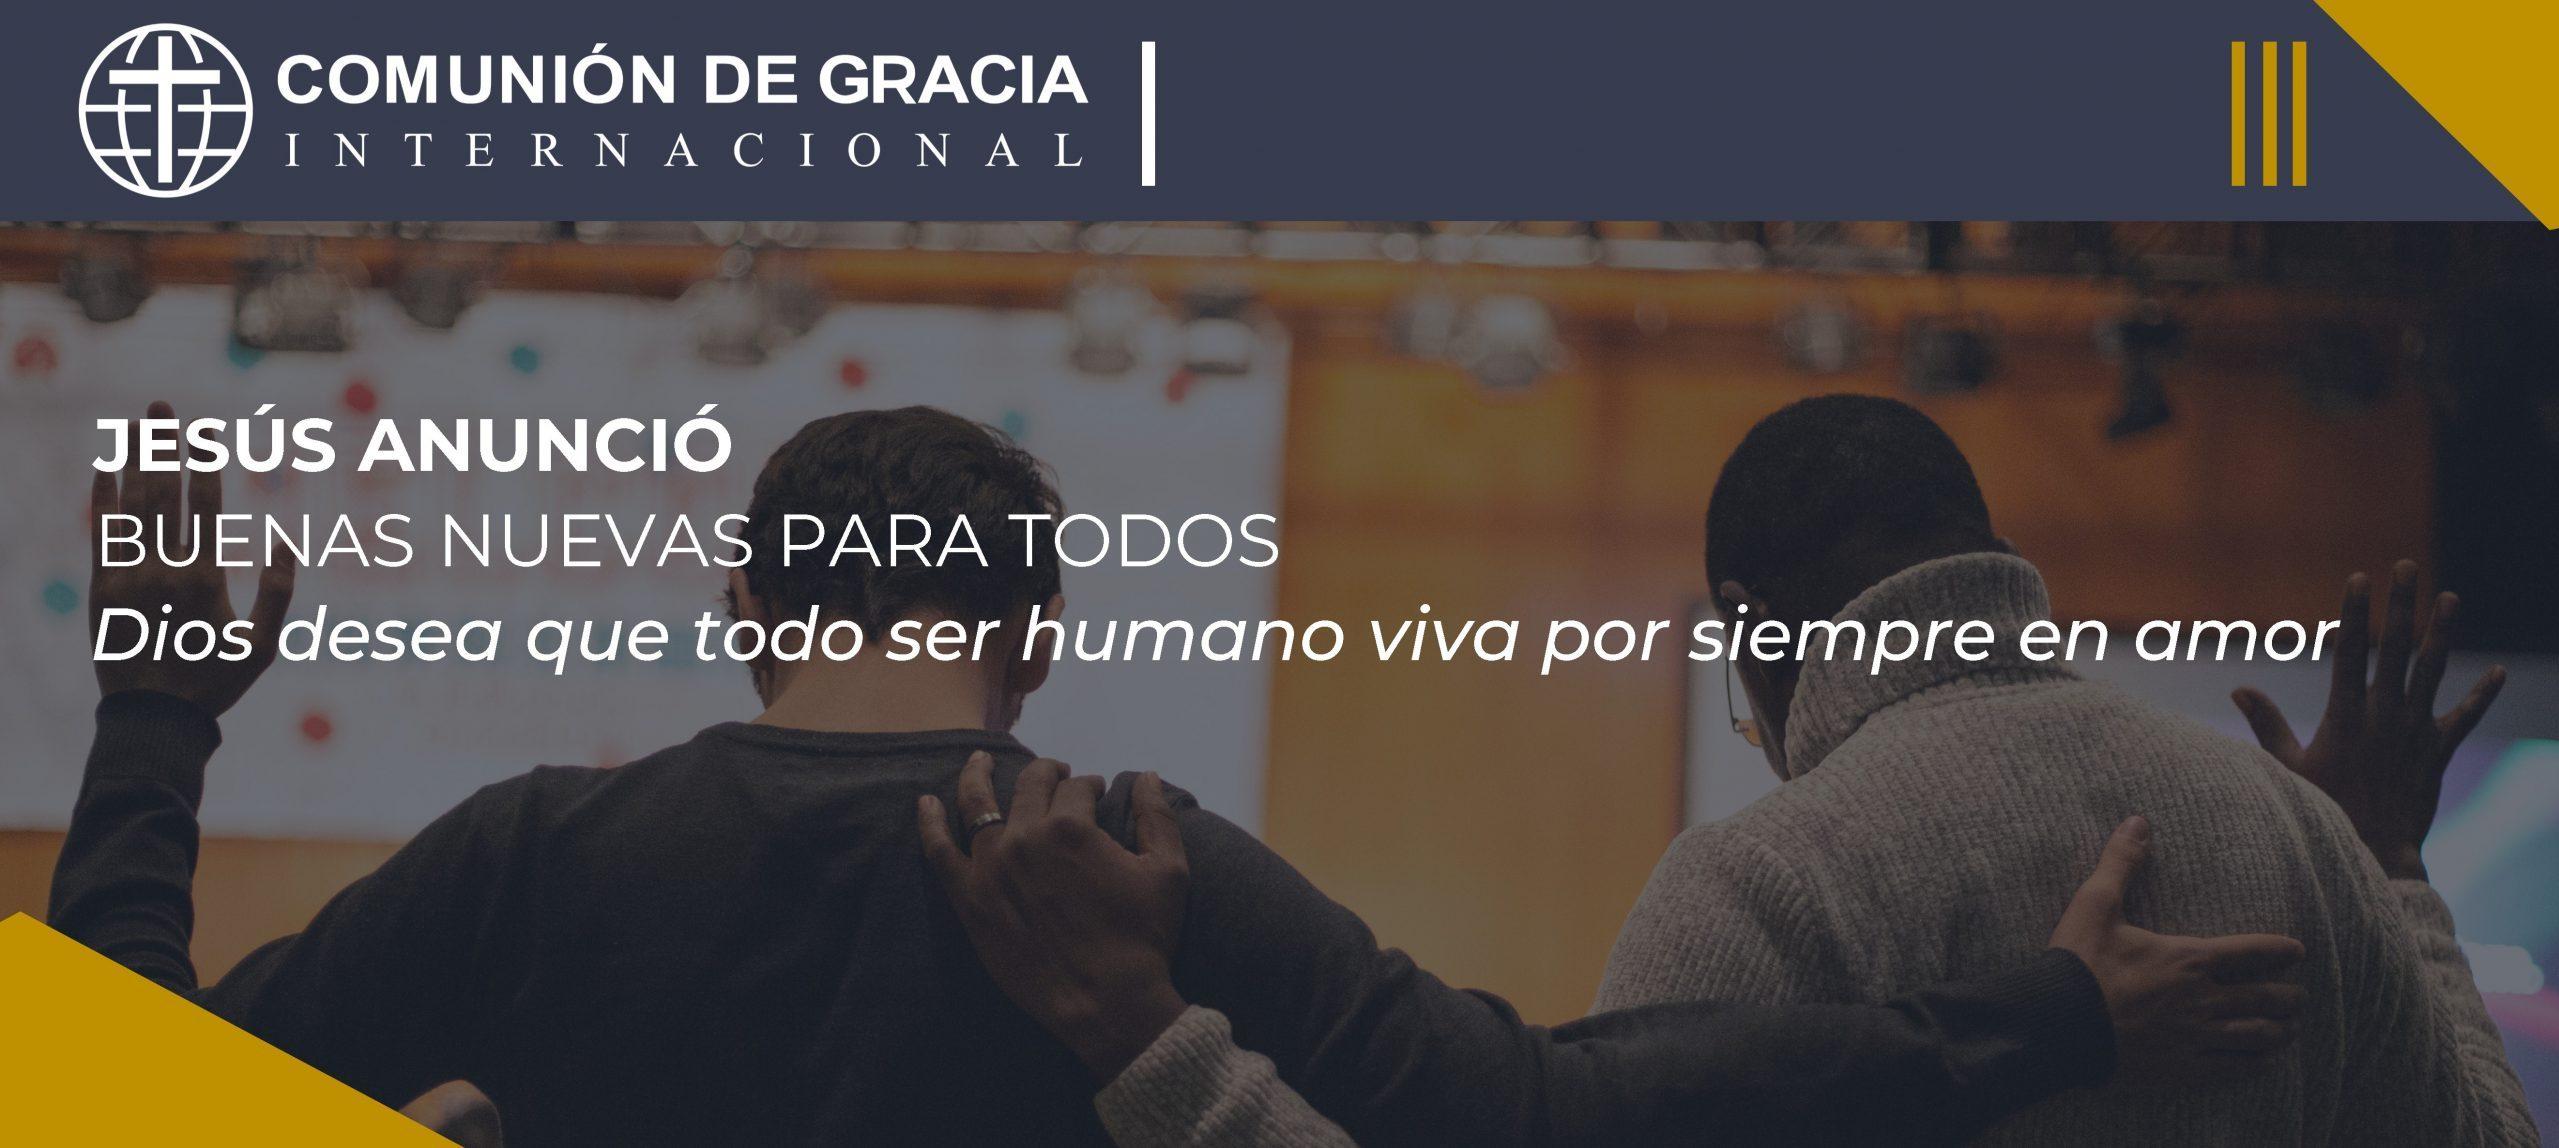 Comunión de Gracia Internacional